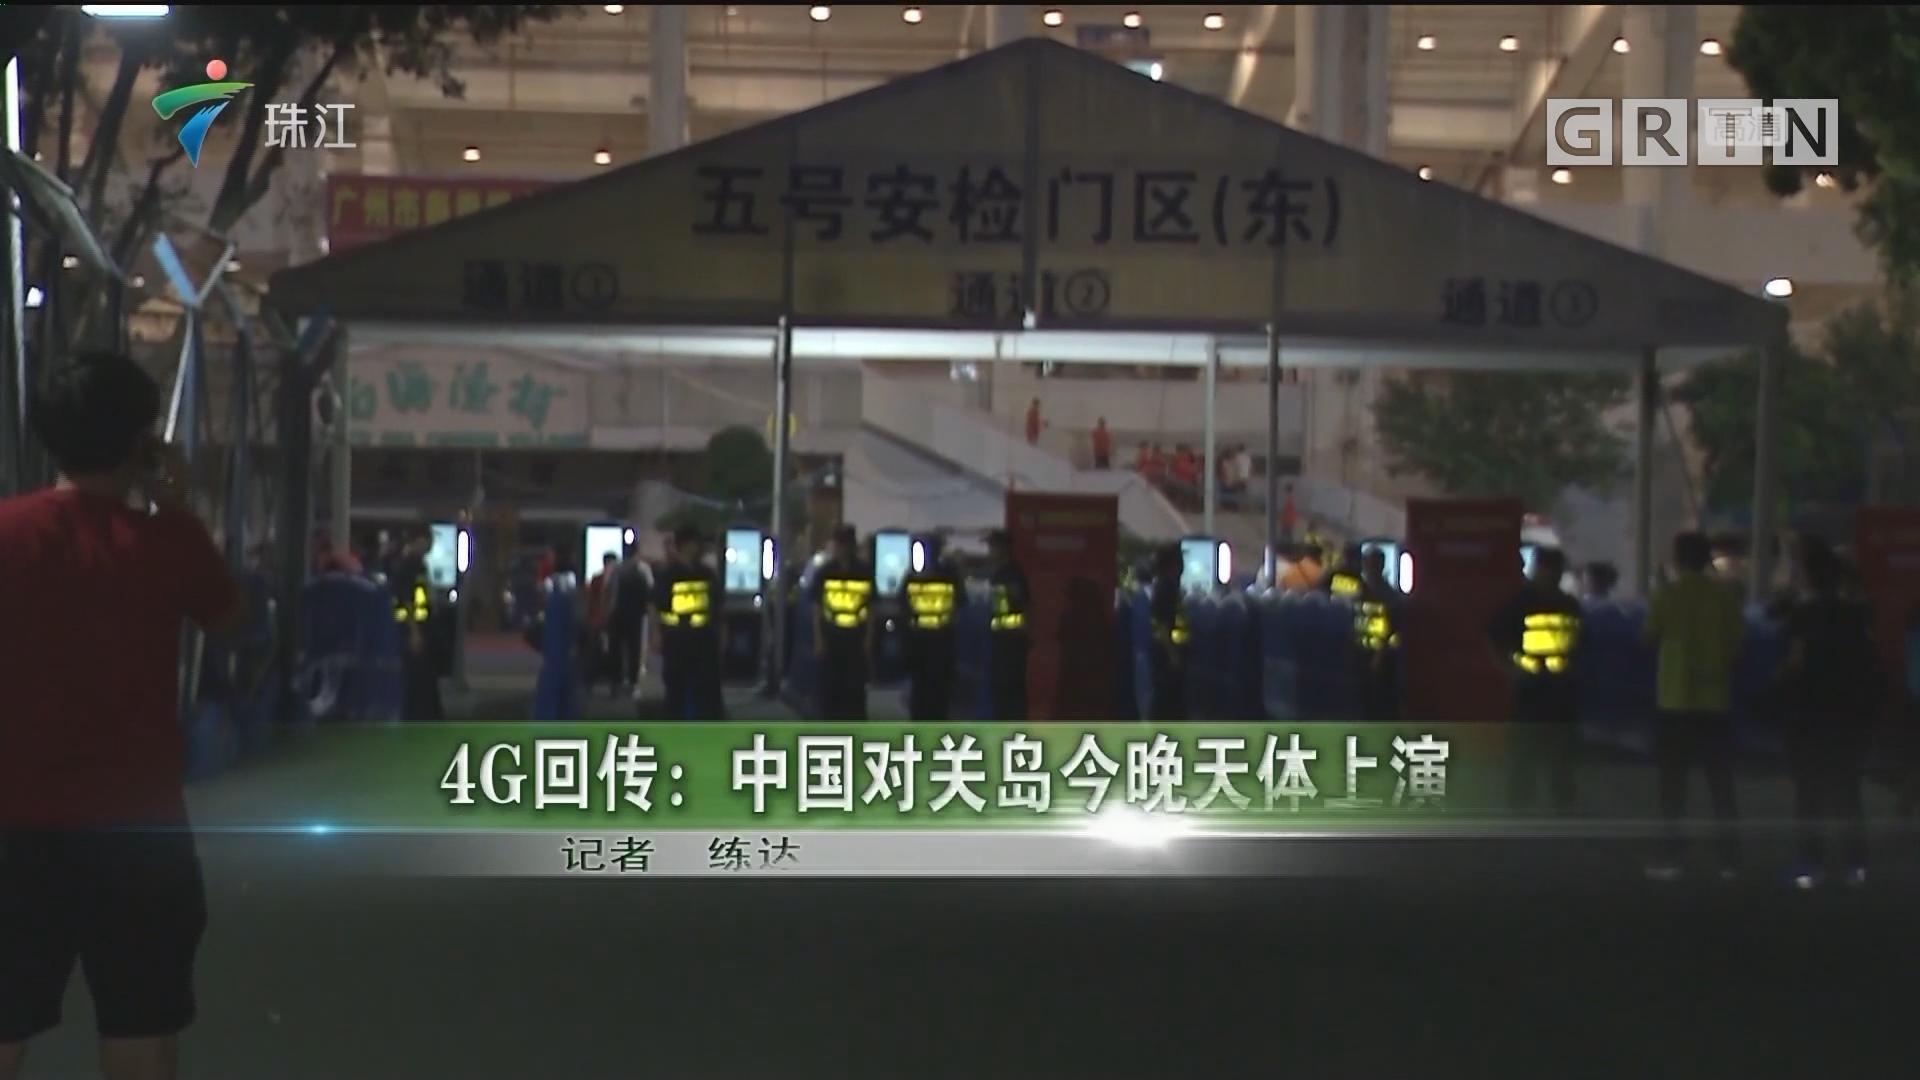 4G回传:中国对关岛今晚天体上演